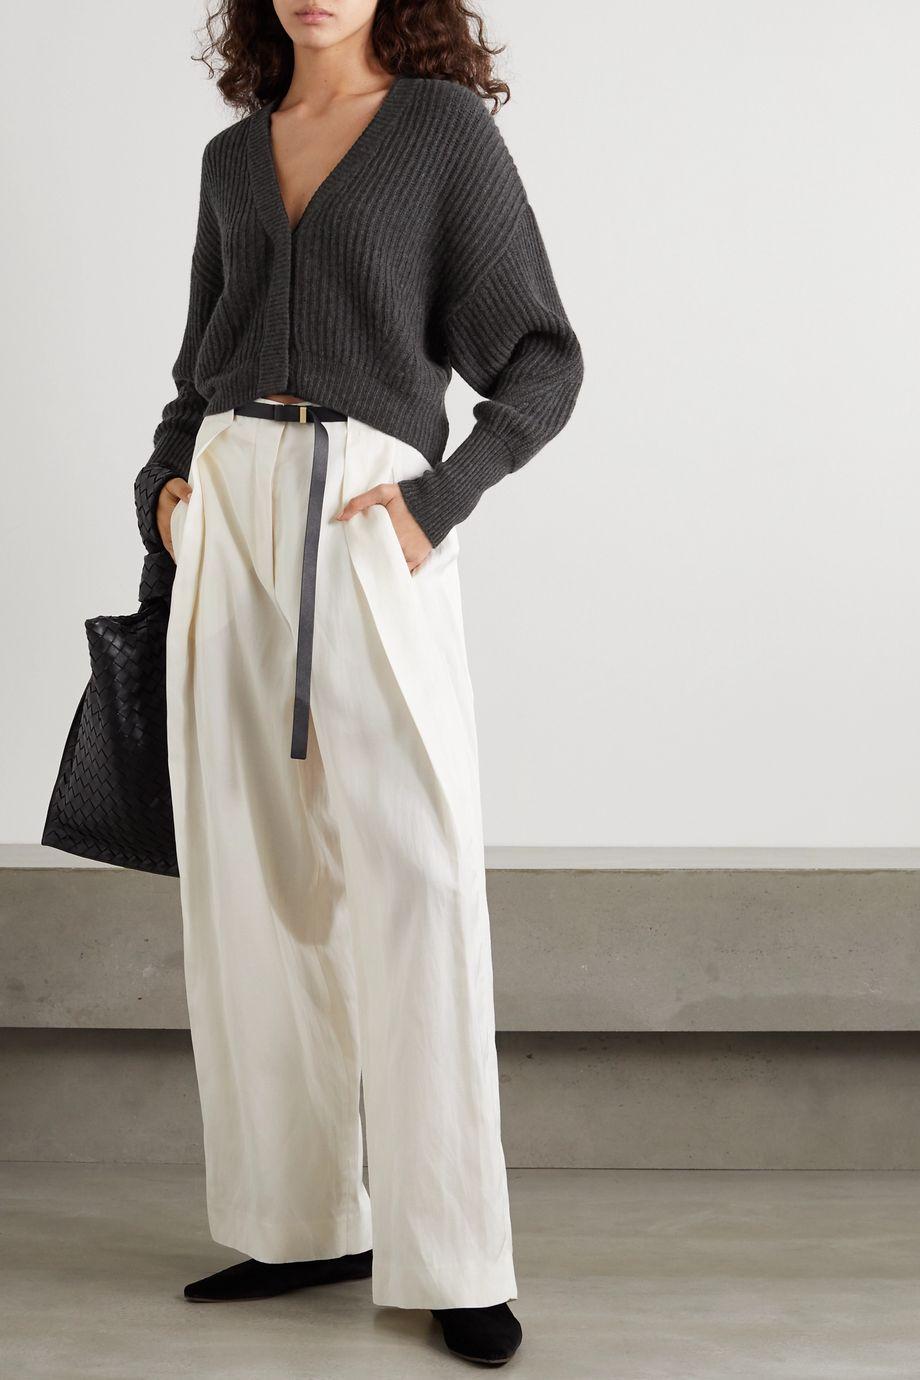 Le Kasha Monaco cropped ribbed cashmere cardigan